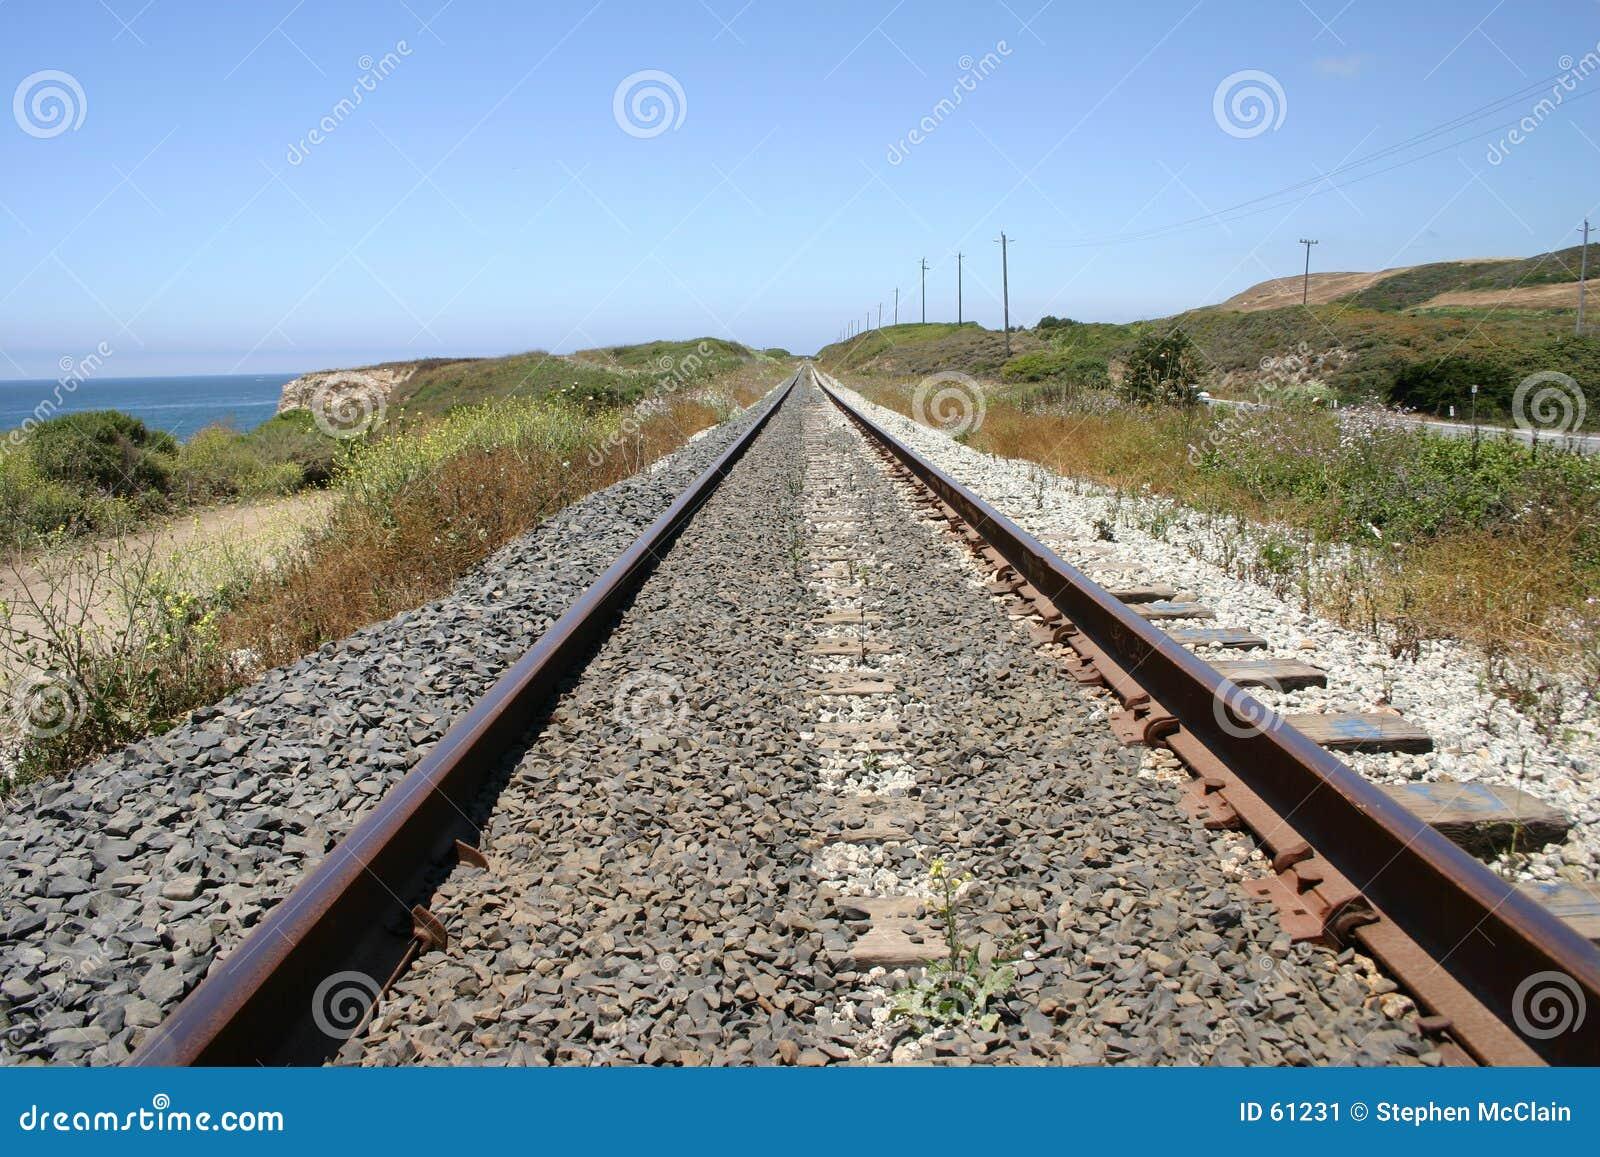 Nowhere to tracks